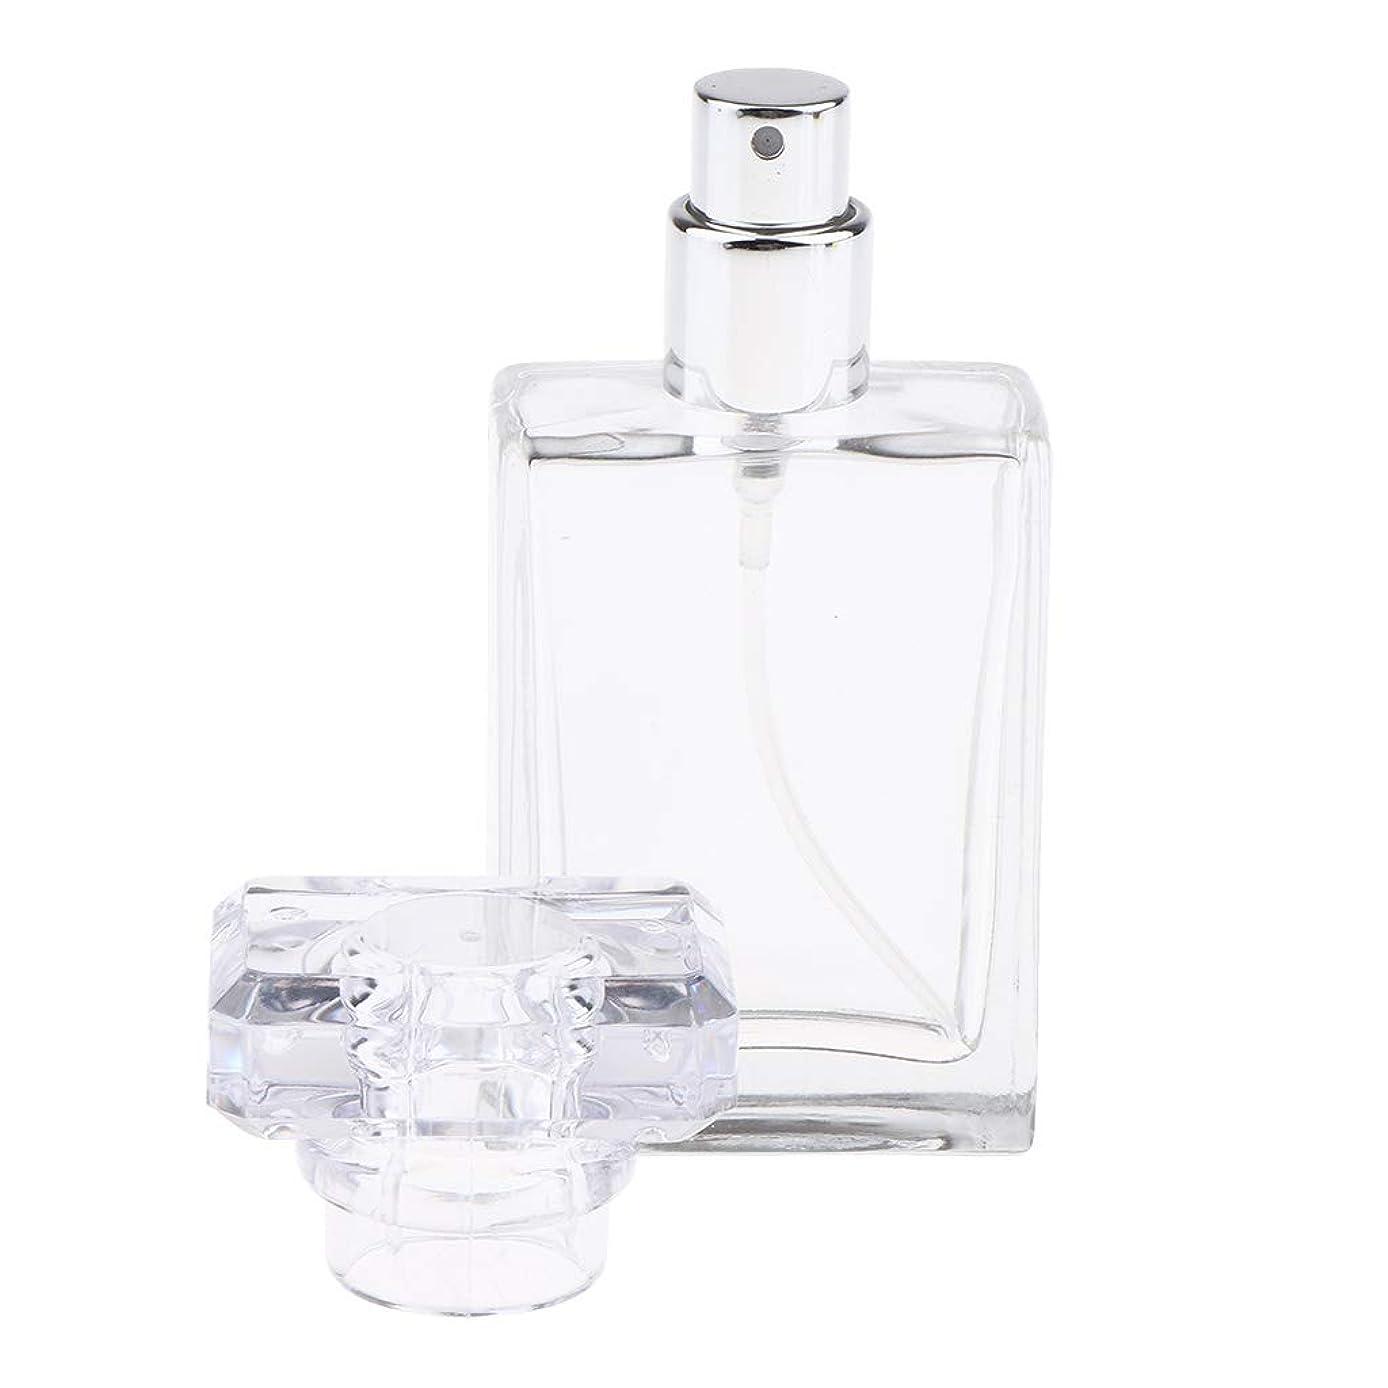 達成するカウンタトンネルCUTICATE 香水瓶 アロマボトル 香水 小分けボトル ガラス製ボトル 30ミリリットル 全2色選択 - クリア